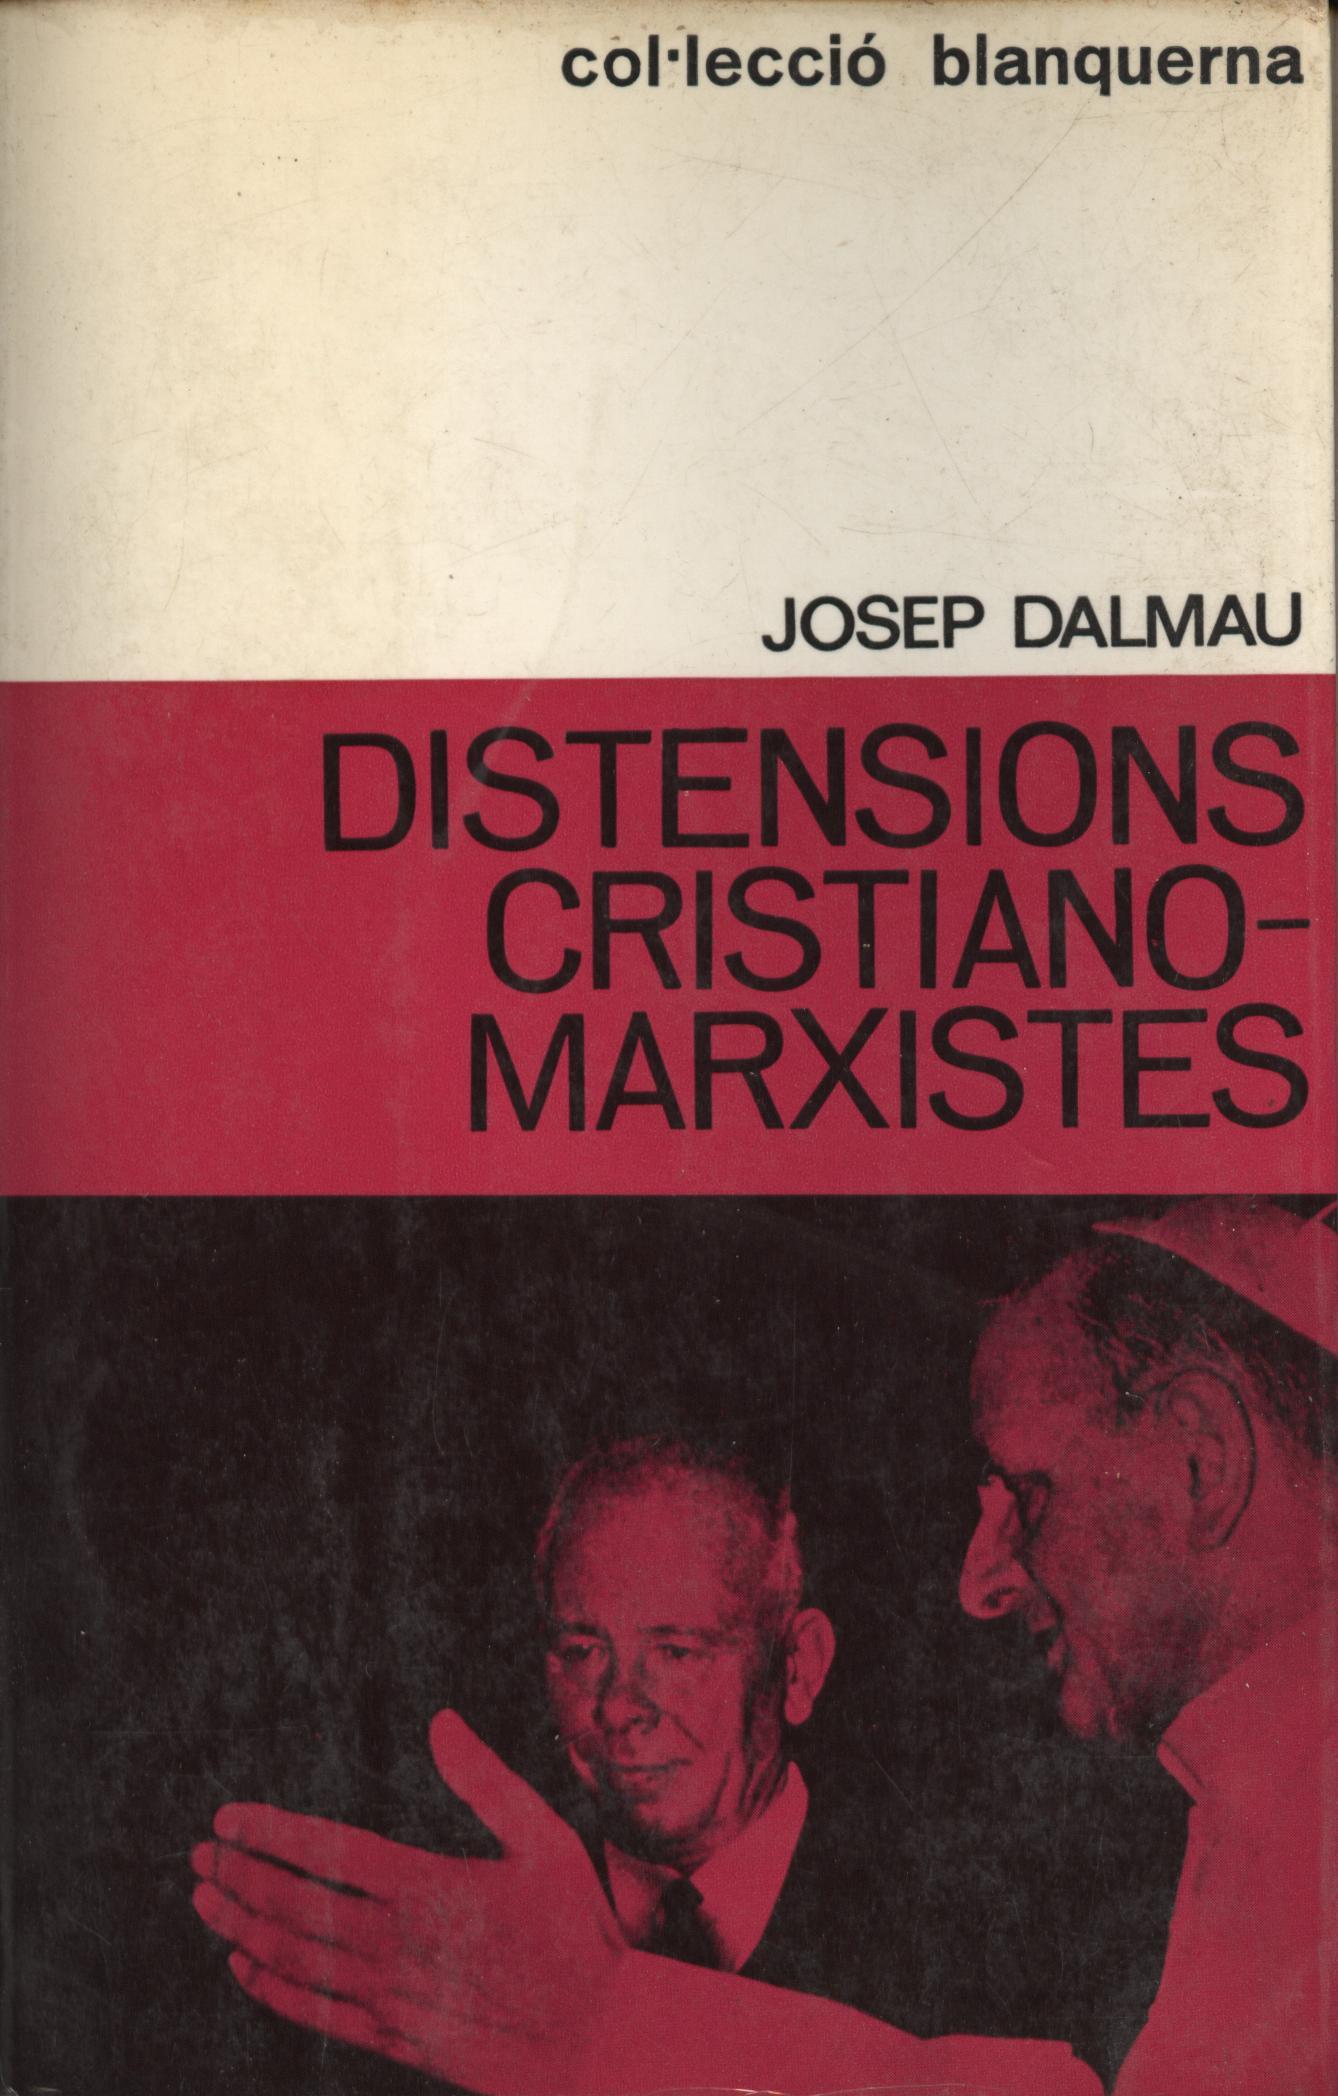 Distencions cristiano-marxistes - Josep Dalmau en bratac.cat